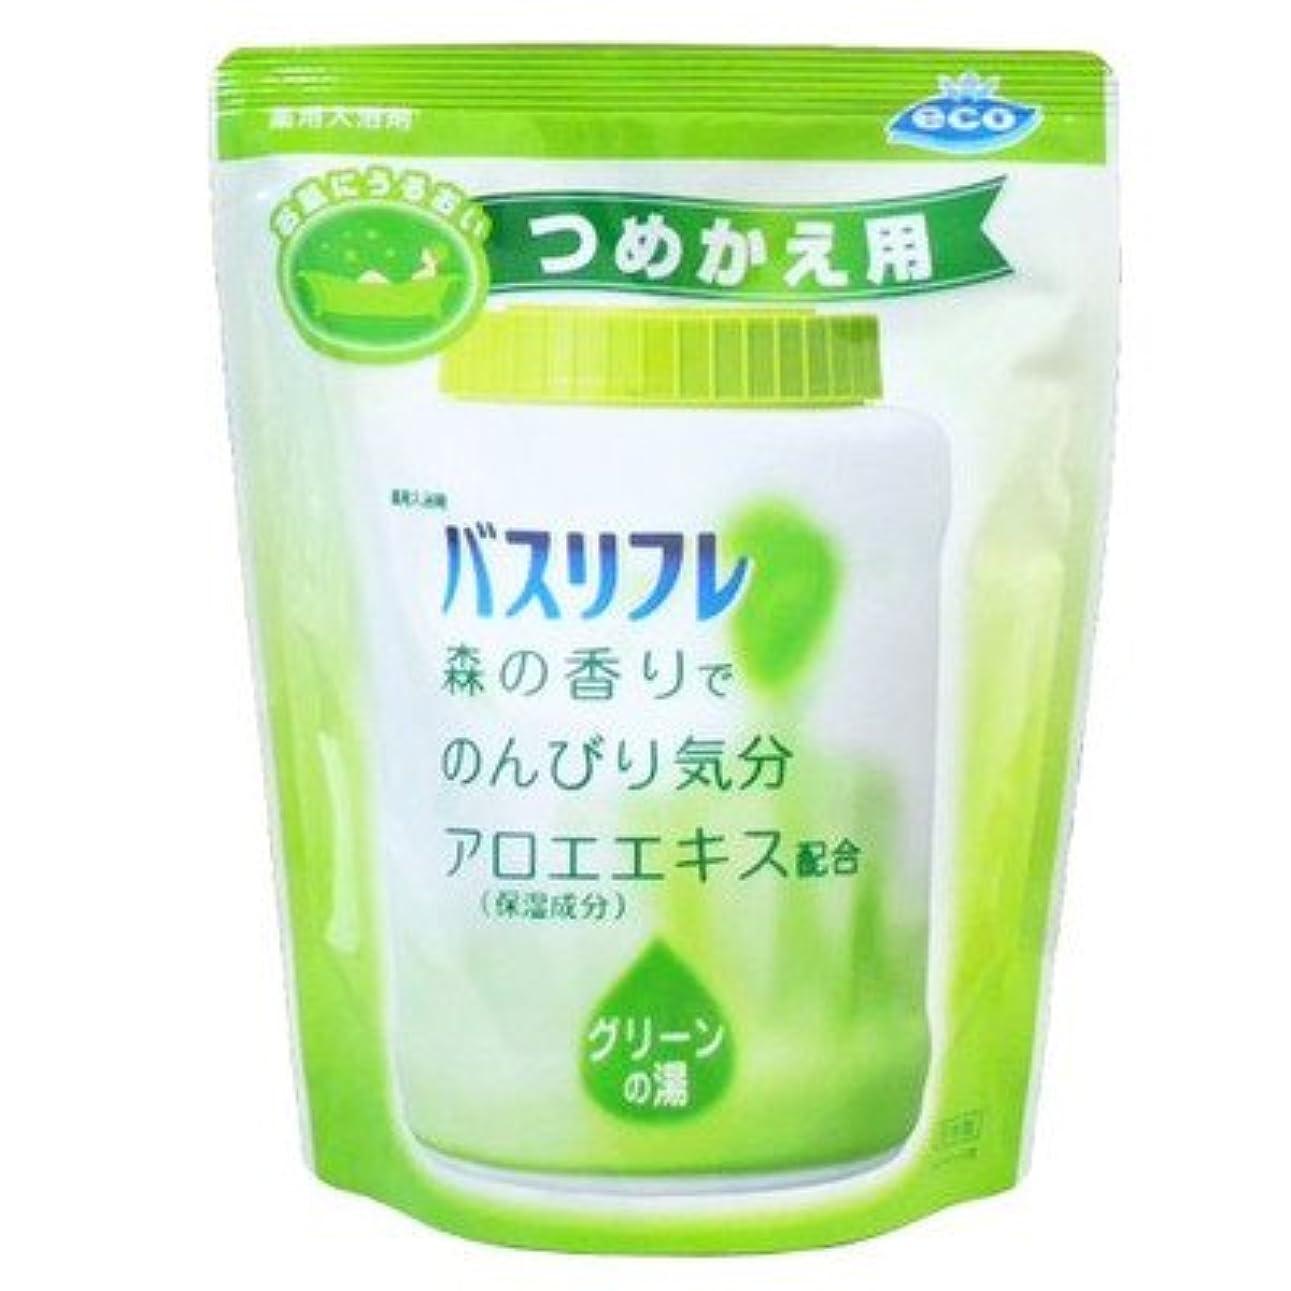 アシスタントビルダー飾る薬用入浴剤 バスリフレ グリーンの湯 つめかえ用 540g 森の香り (ライオンケミカル)